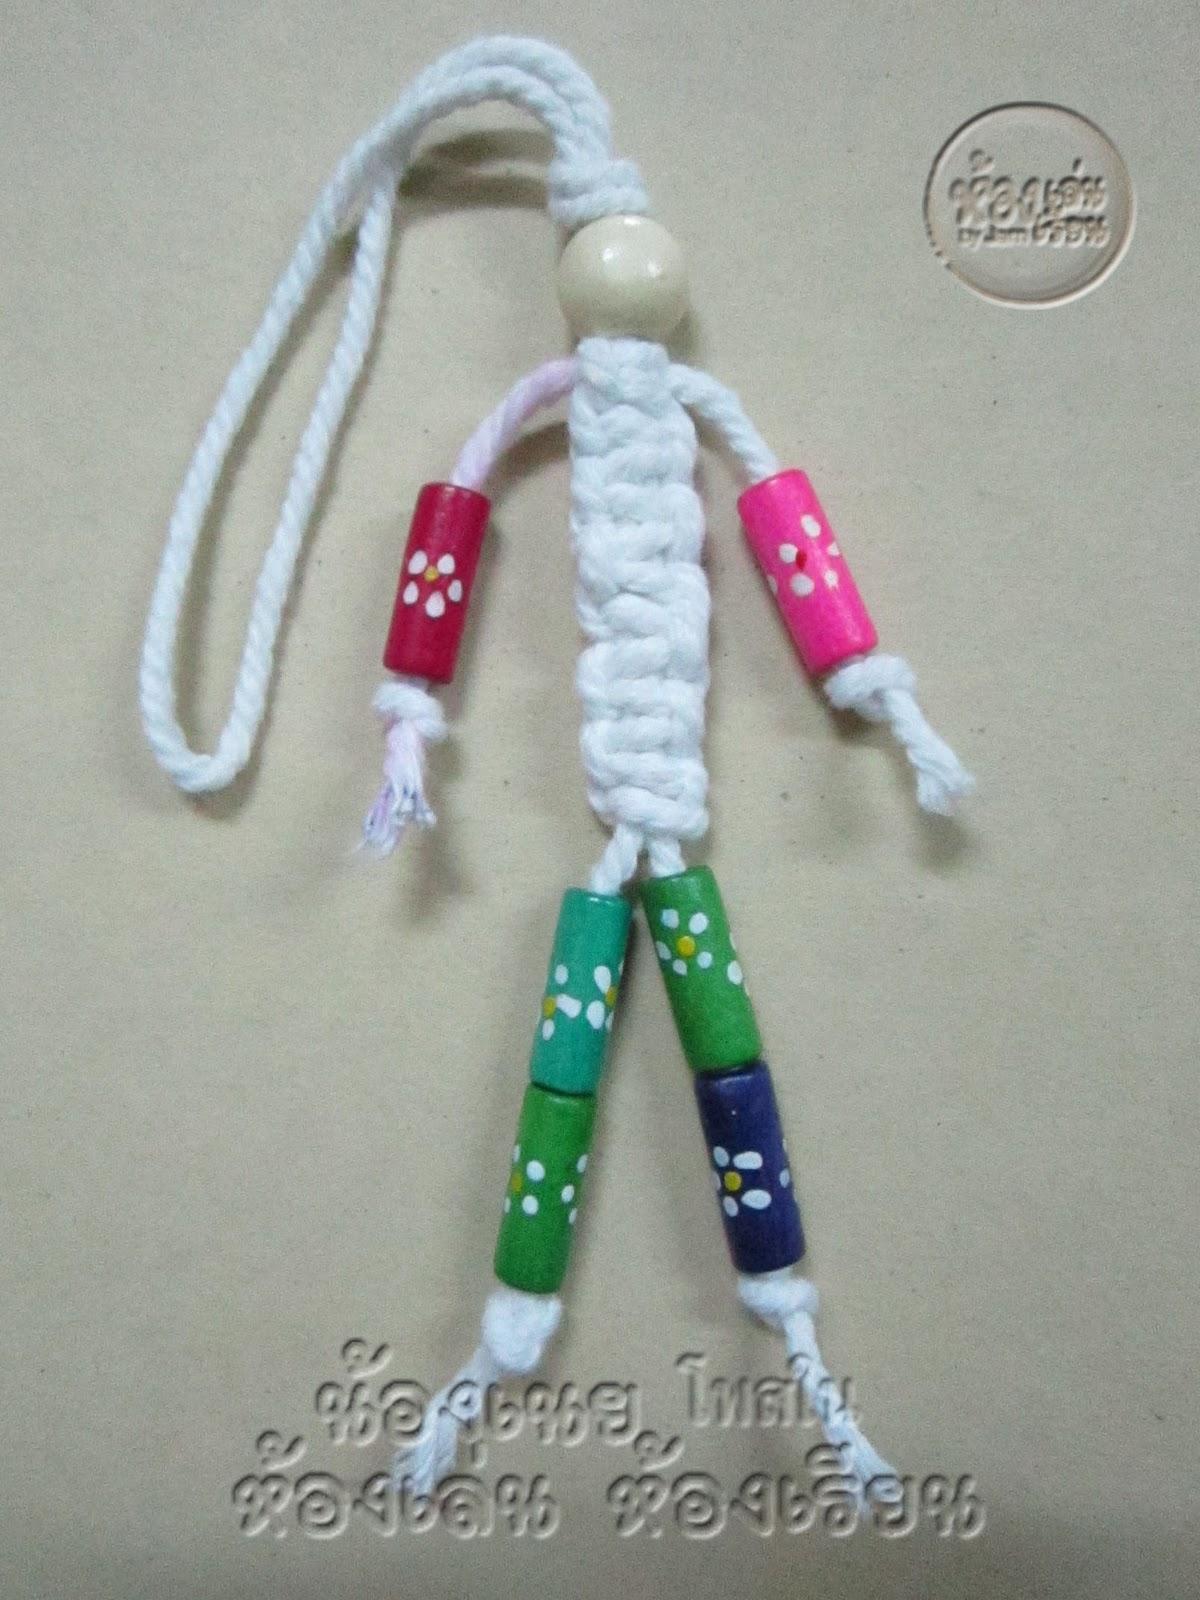 how to make an easy Macrame' ตุ๊กตาเมคราเม่ วิธีทำ งานเชือกถัก